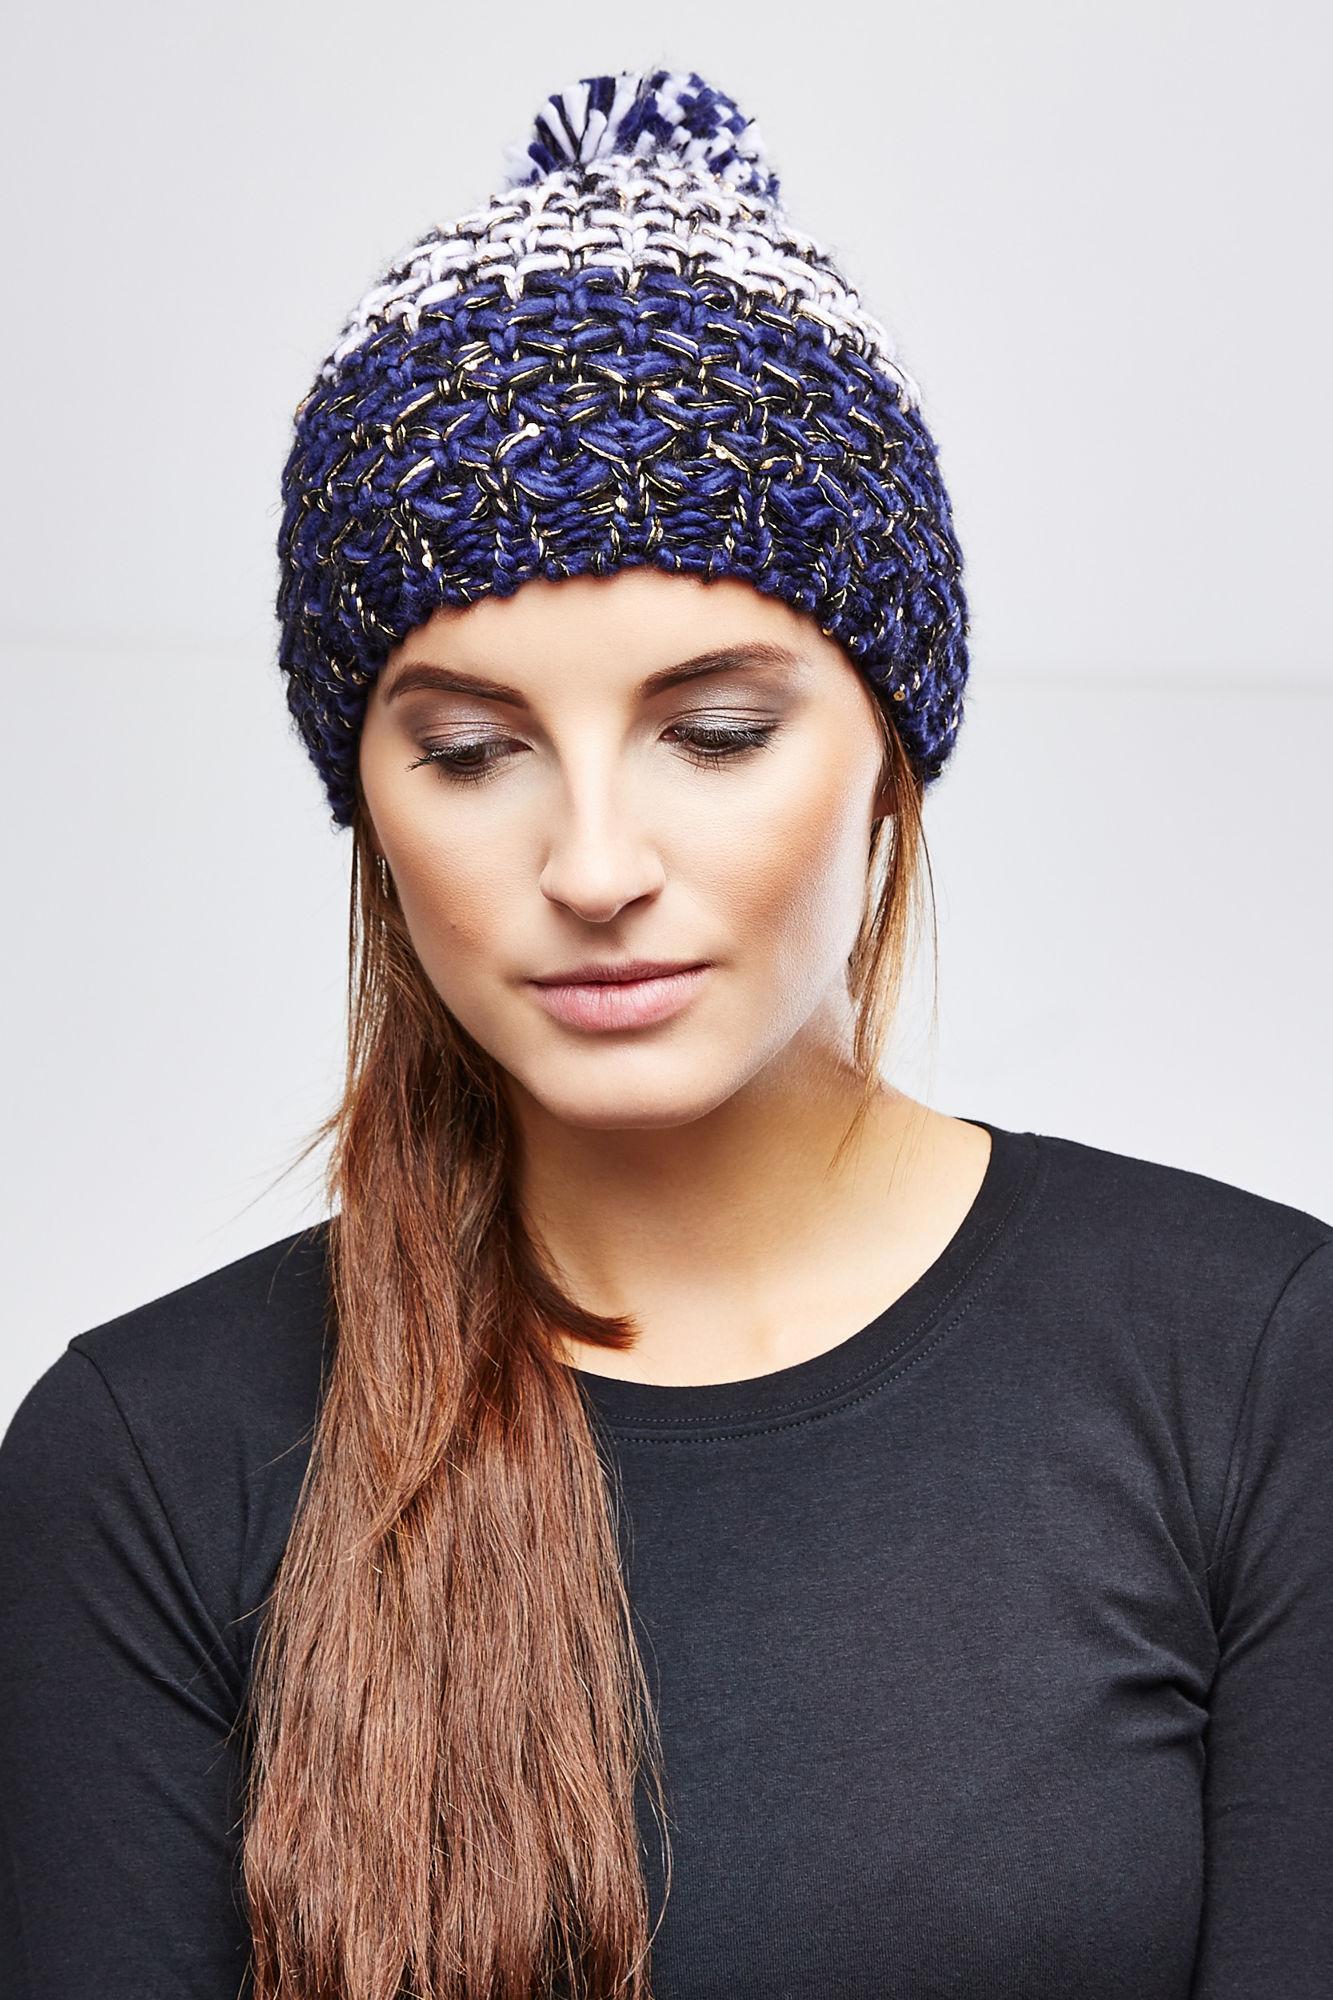 Шапка женская. Z-CZ-1800Z-CZ-1800_BEIGEВязаная женская шапка Moodo отлично подойдет для вас в прохладную погоду. Выполненная из акрила, она мягкая и приятная на ощупь, идеально прилегает к голове. Модель крупной вязки дополнена на макушке пушистым помпоном. Изделие декорировано мелкими пайетками. Такая шапка станет модным и стильным дополнением к вашему гардеробу, в ней вам будет уютно и тепло!